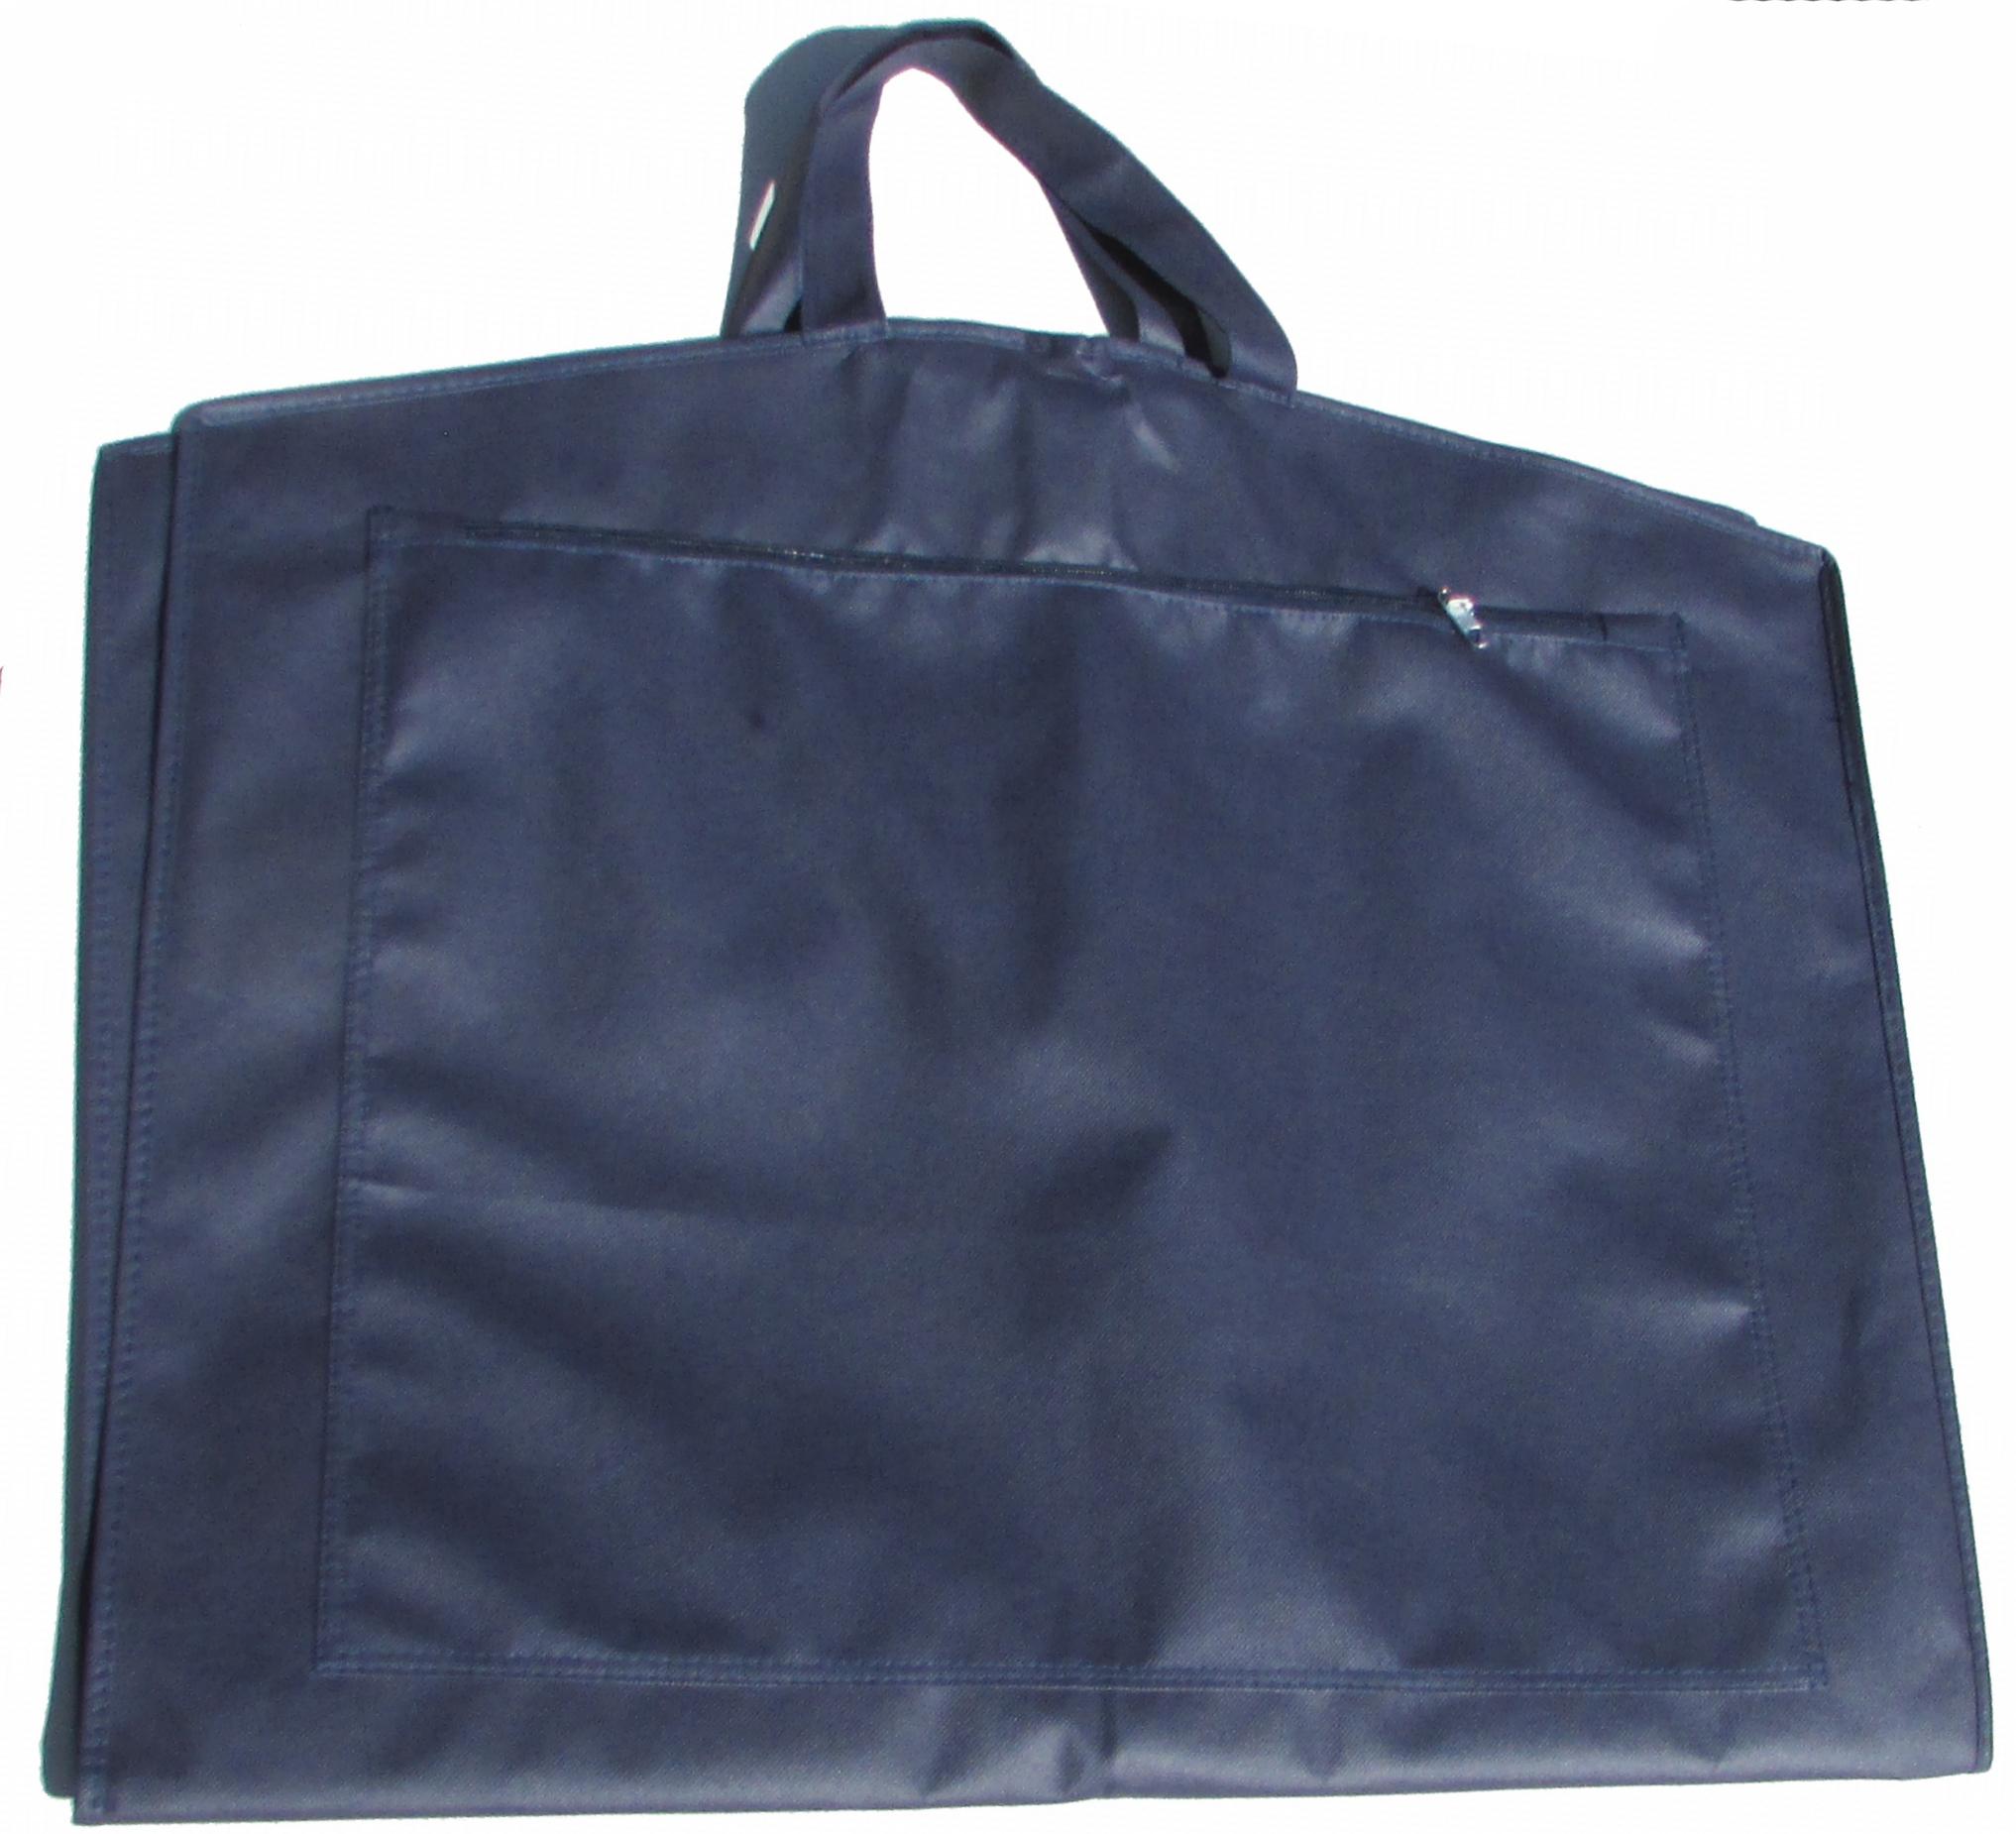 Dragtpose med lynlåslomme foran